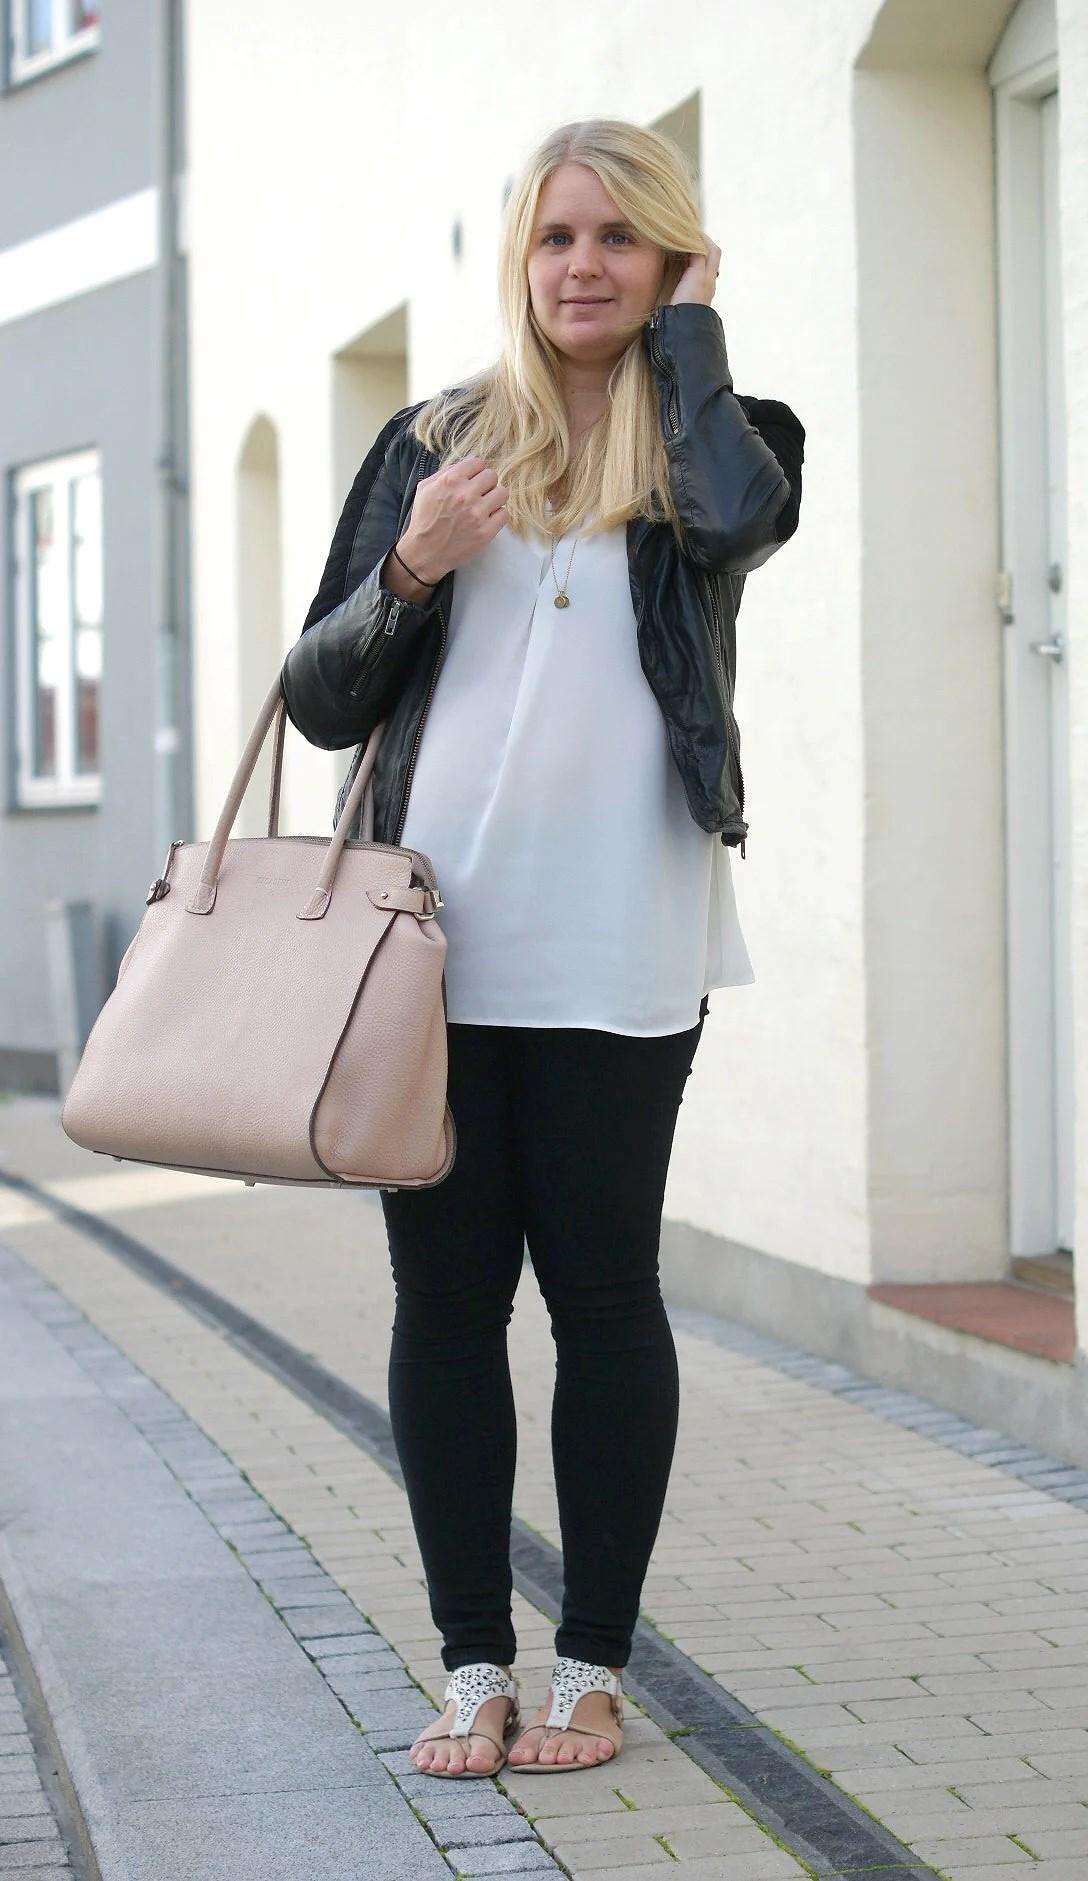 Modeblogger-danskmodeblog